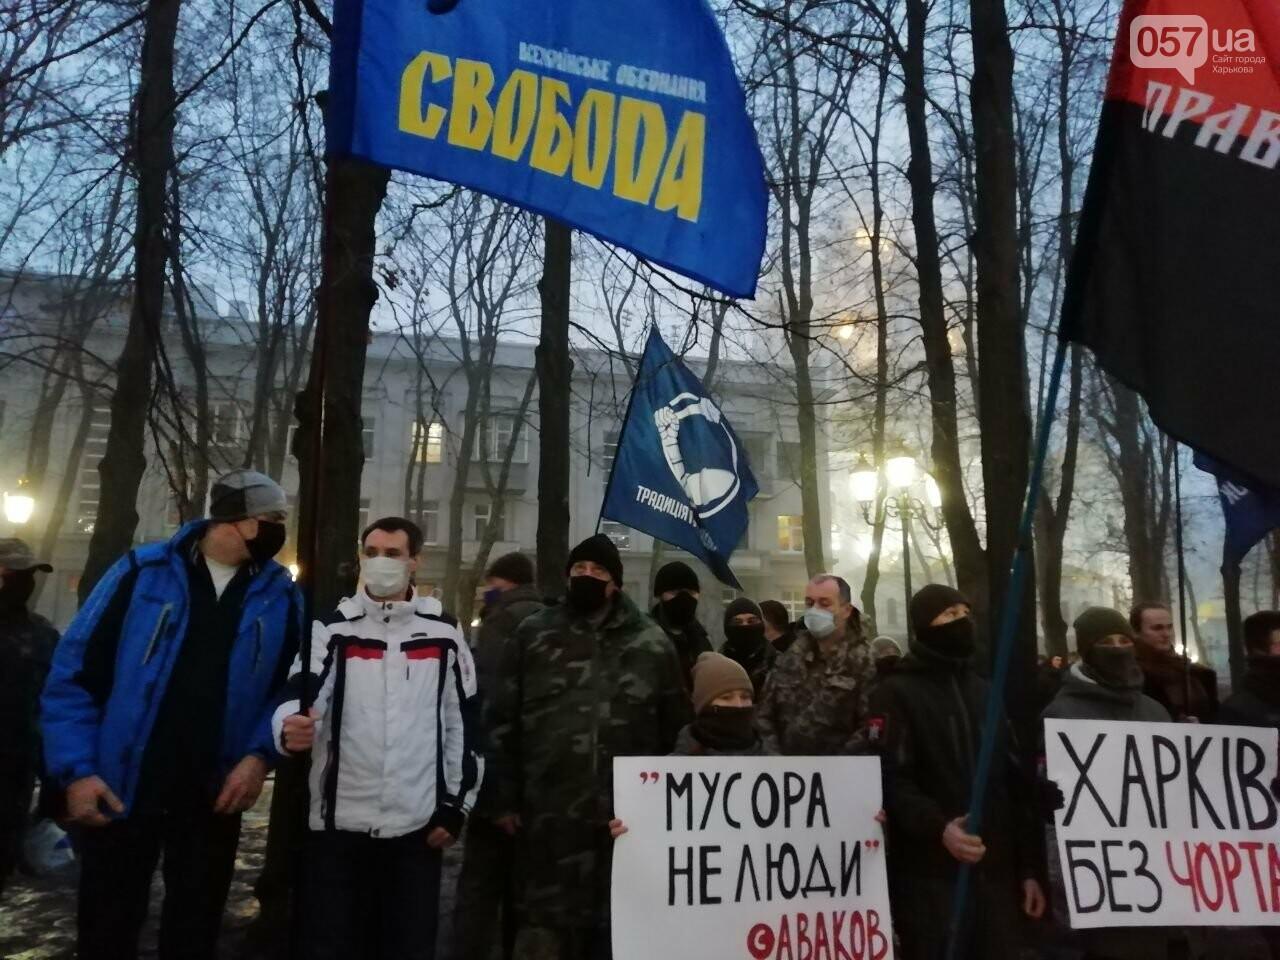 «Мусора - не люди»: из-за слов Авакова в центре Харькова активисты пикетировали облуправление полиции, - ФОТО, фото-4